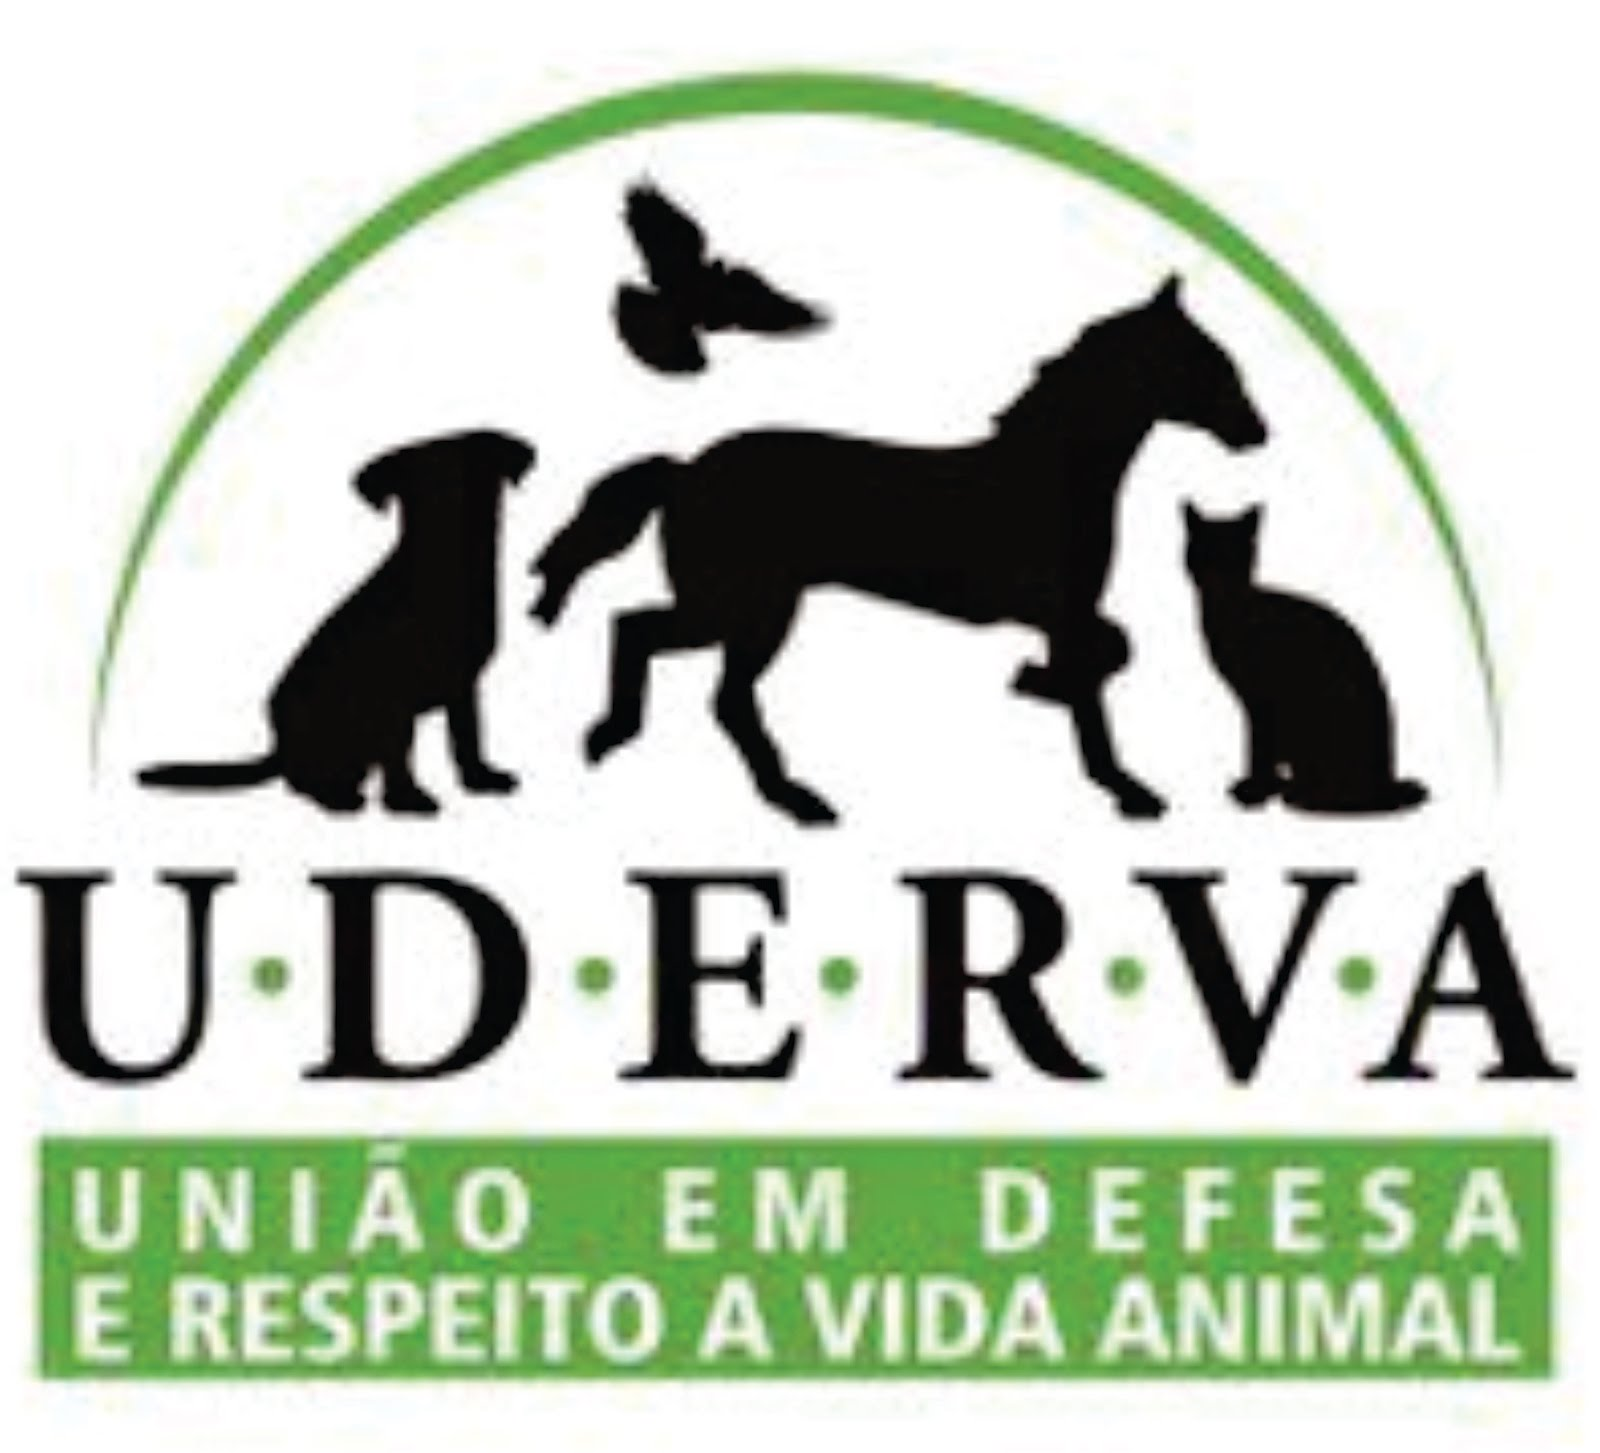 Uderva - União em defesa e respeito à vida animal